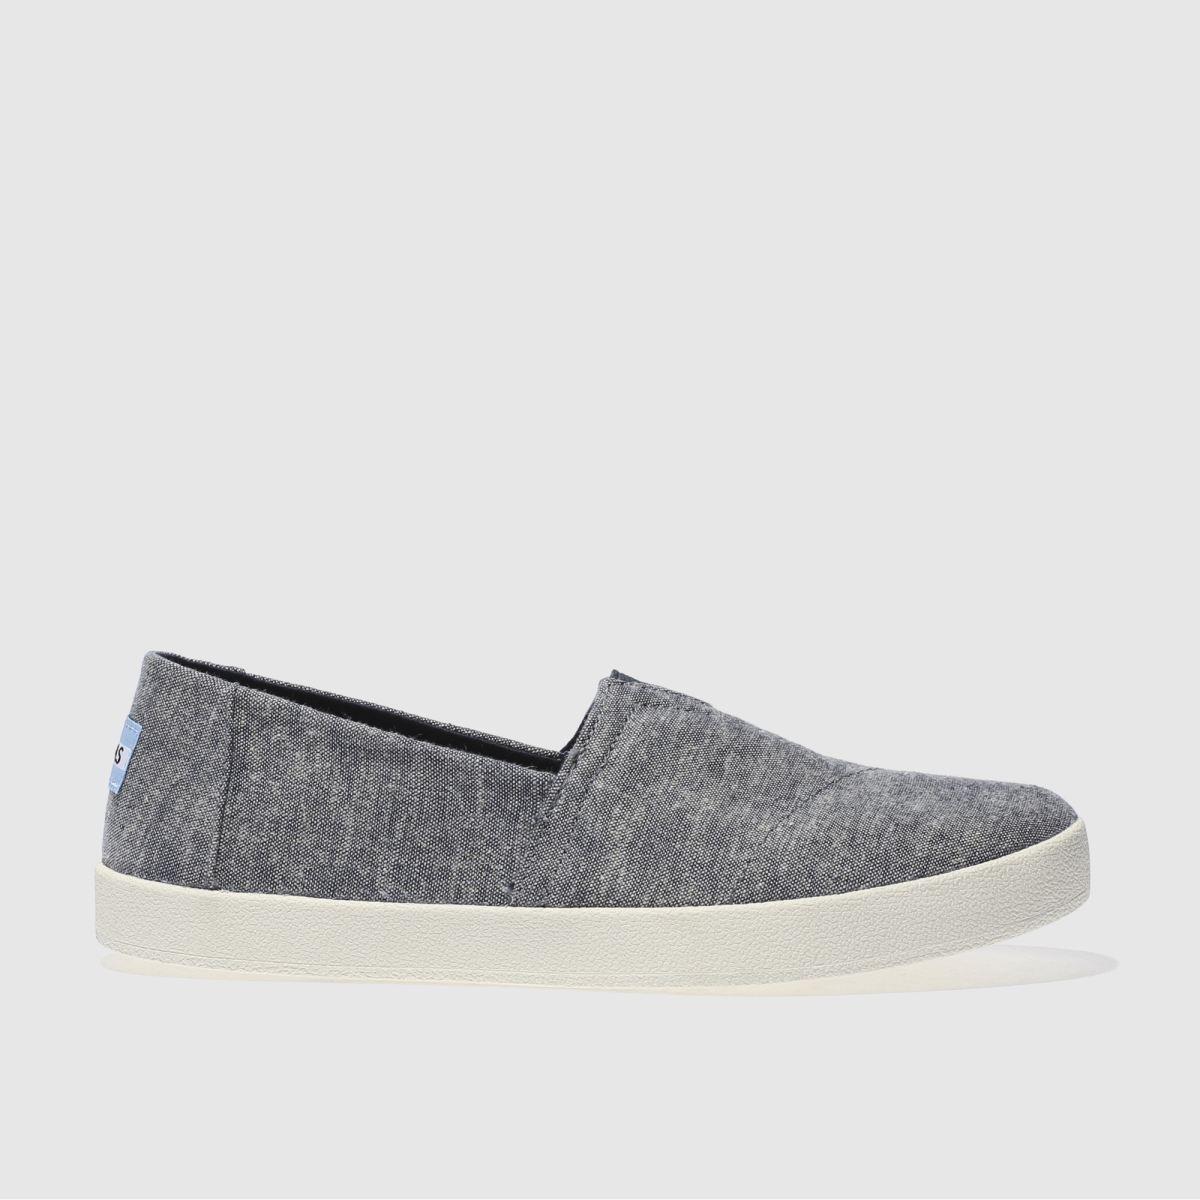 toms navy & white avalon slip-on shoes